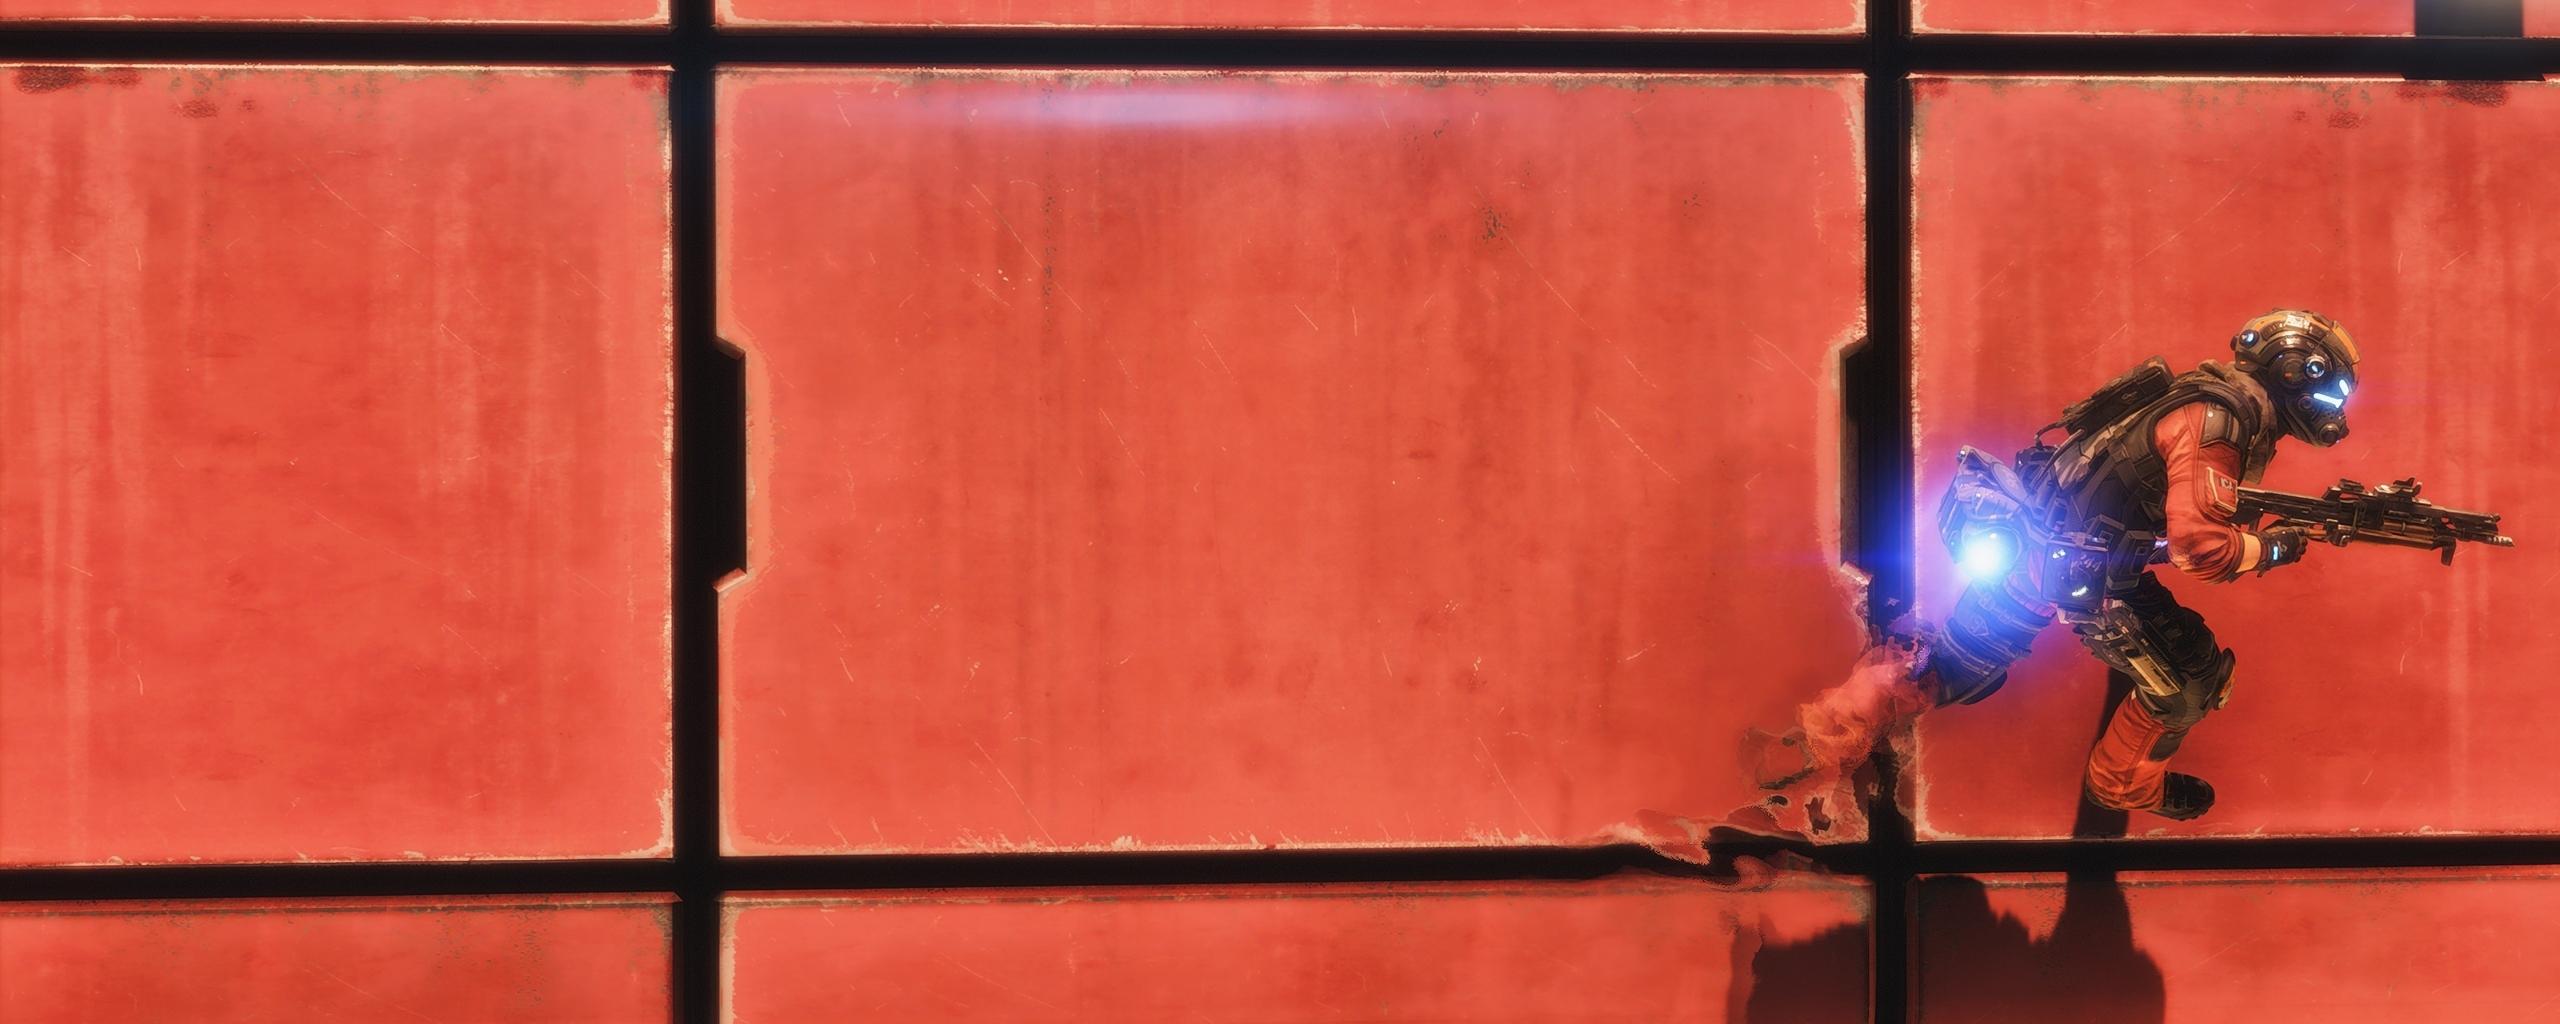 titanfall-2-wall-runner-az.jpg